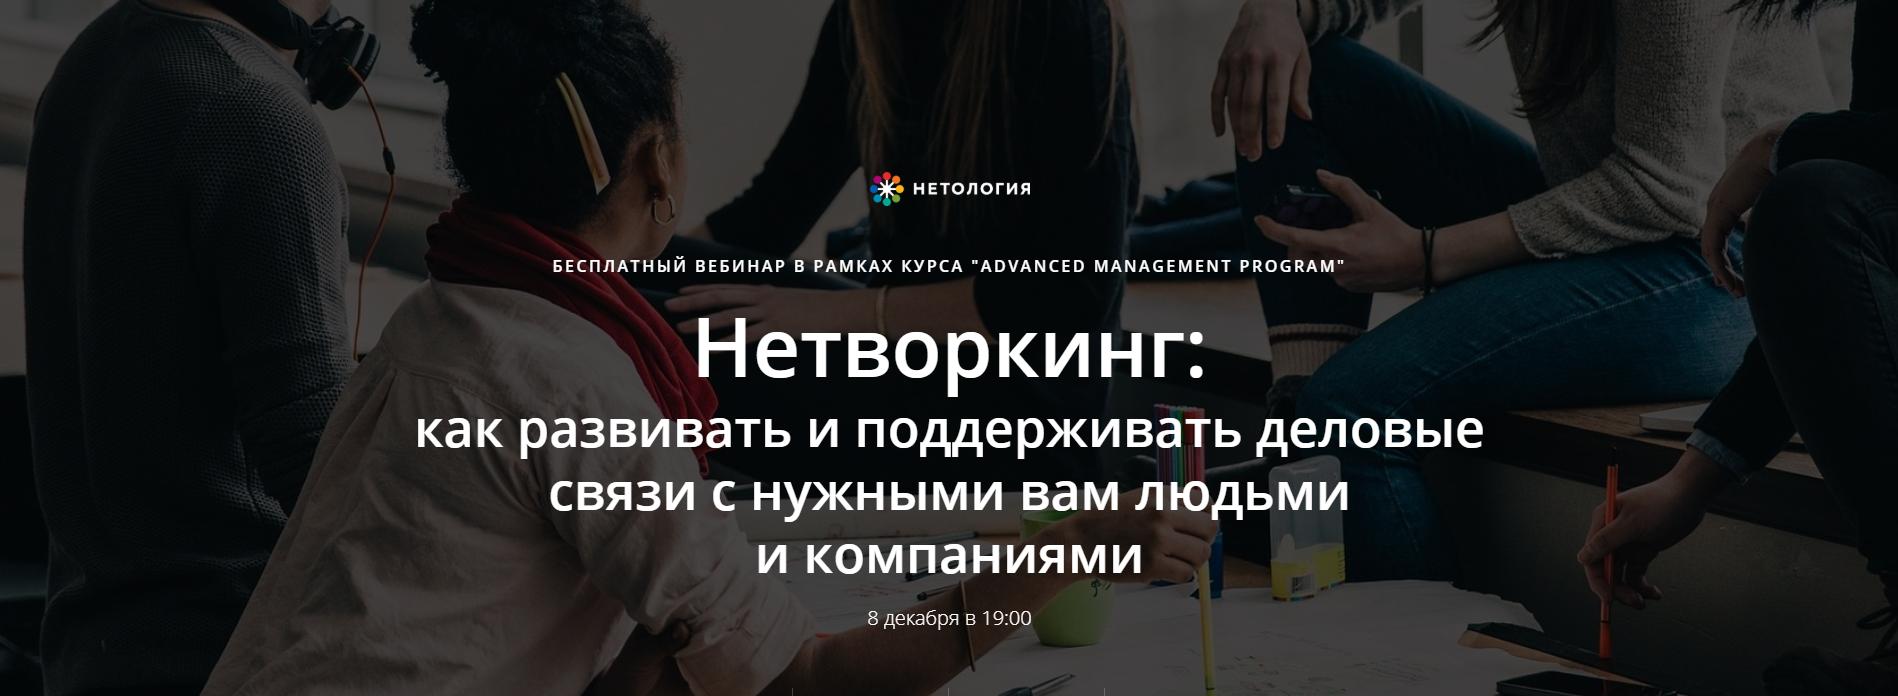 Нетворкинг - как развивать и поддерживать деловые связи с нужными вам людьми и компаниями